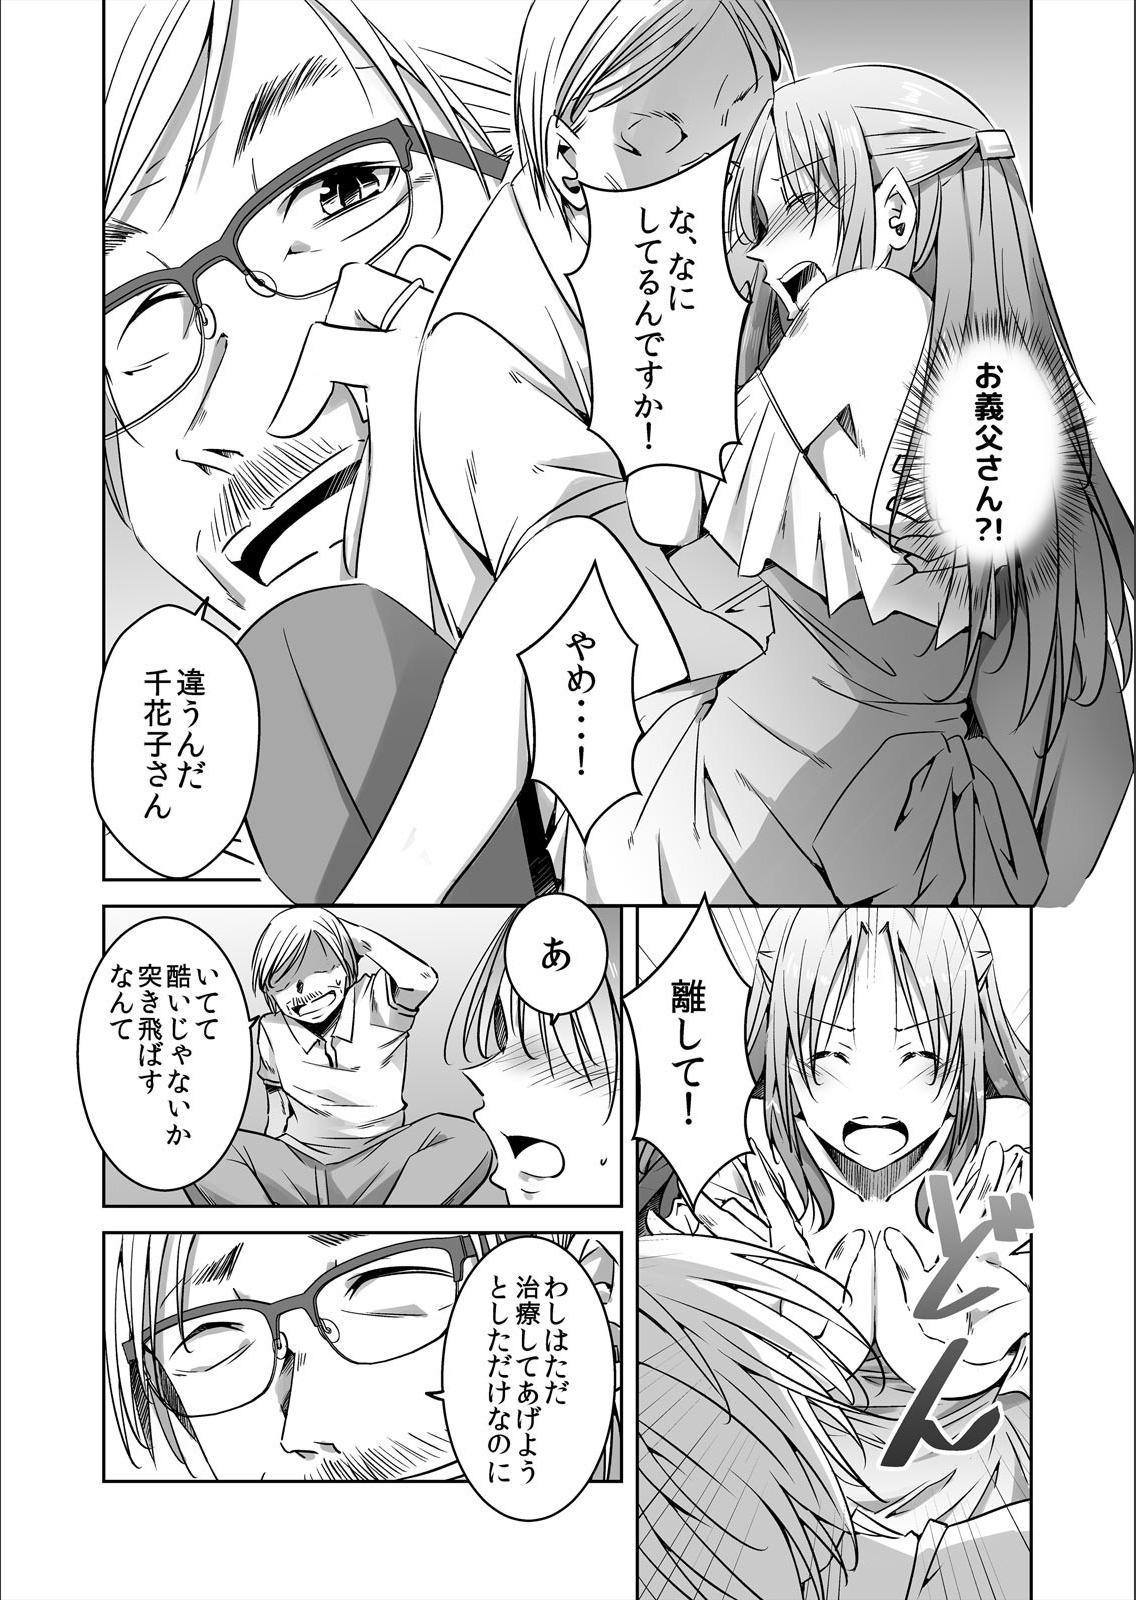 [Bokuboku] Nusumu Hitozuma, Okasu Gifu ~Shujin ni wa Iwanaide Kudasai...~ Ch.1 14